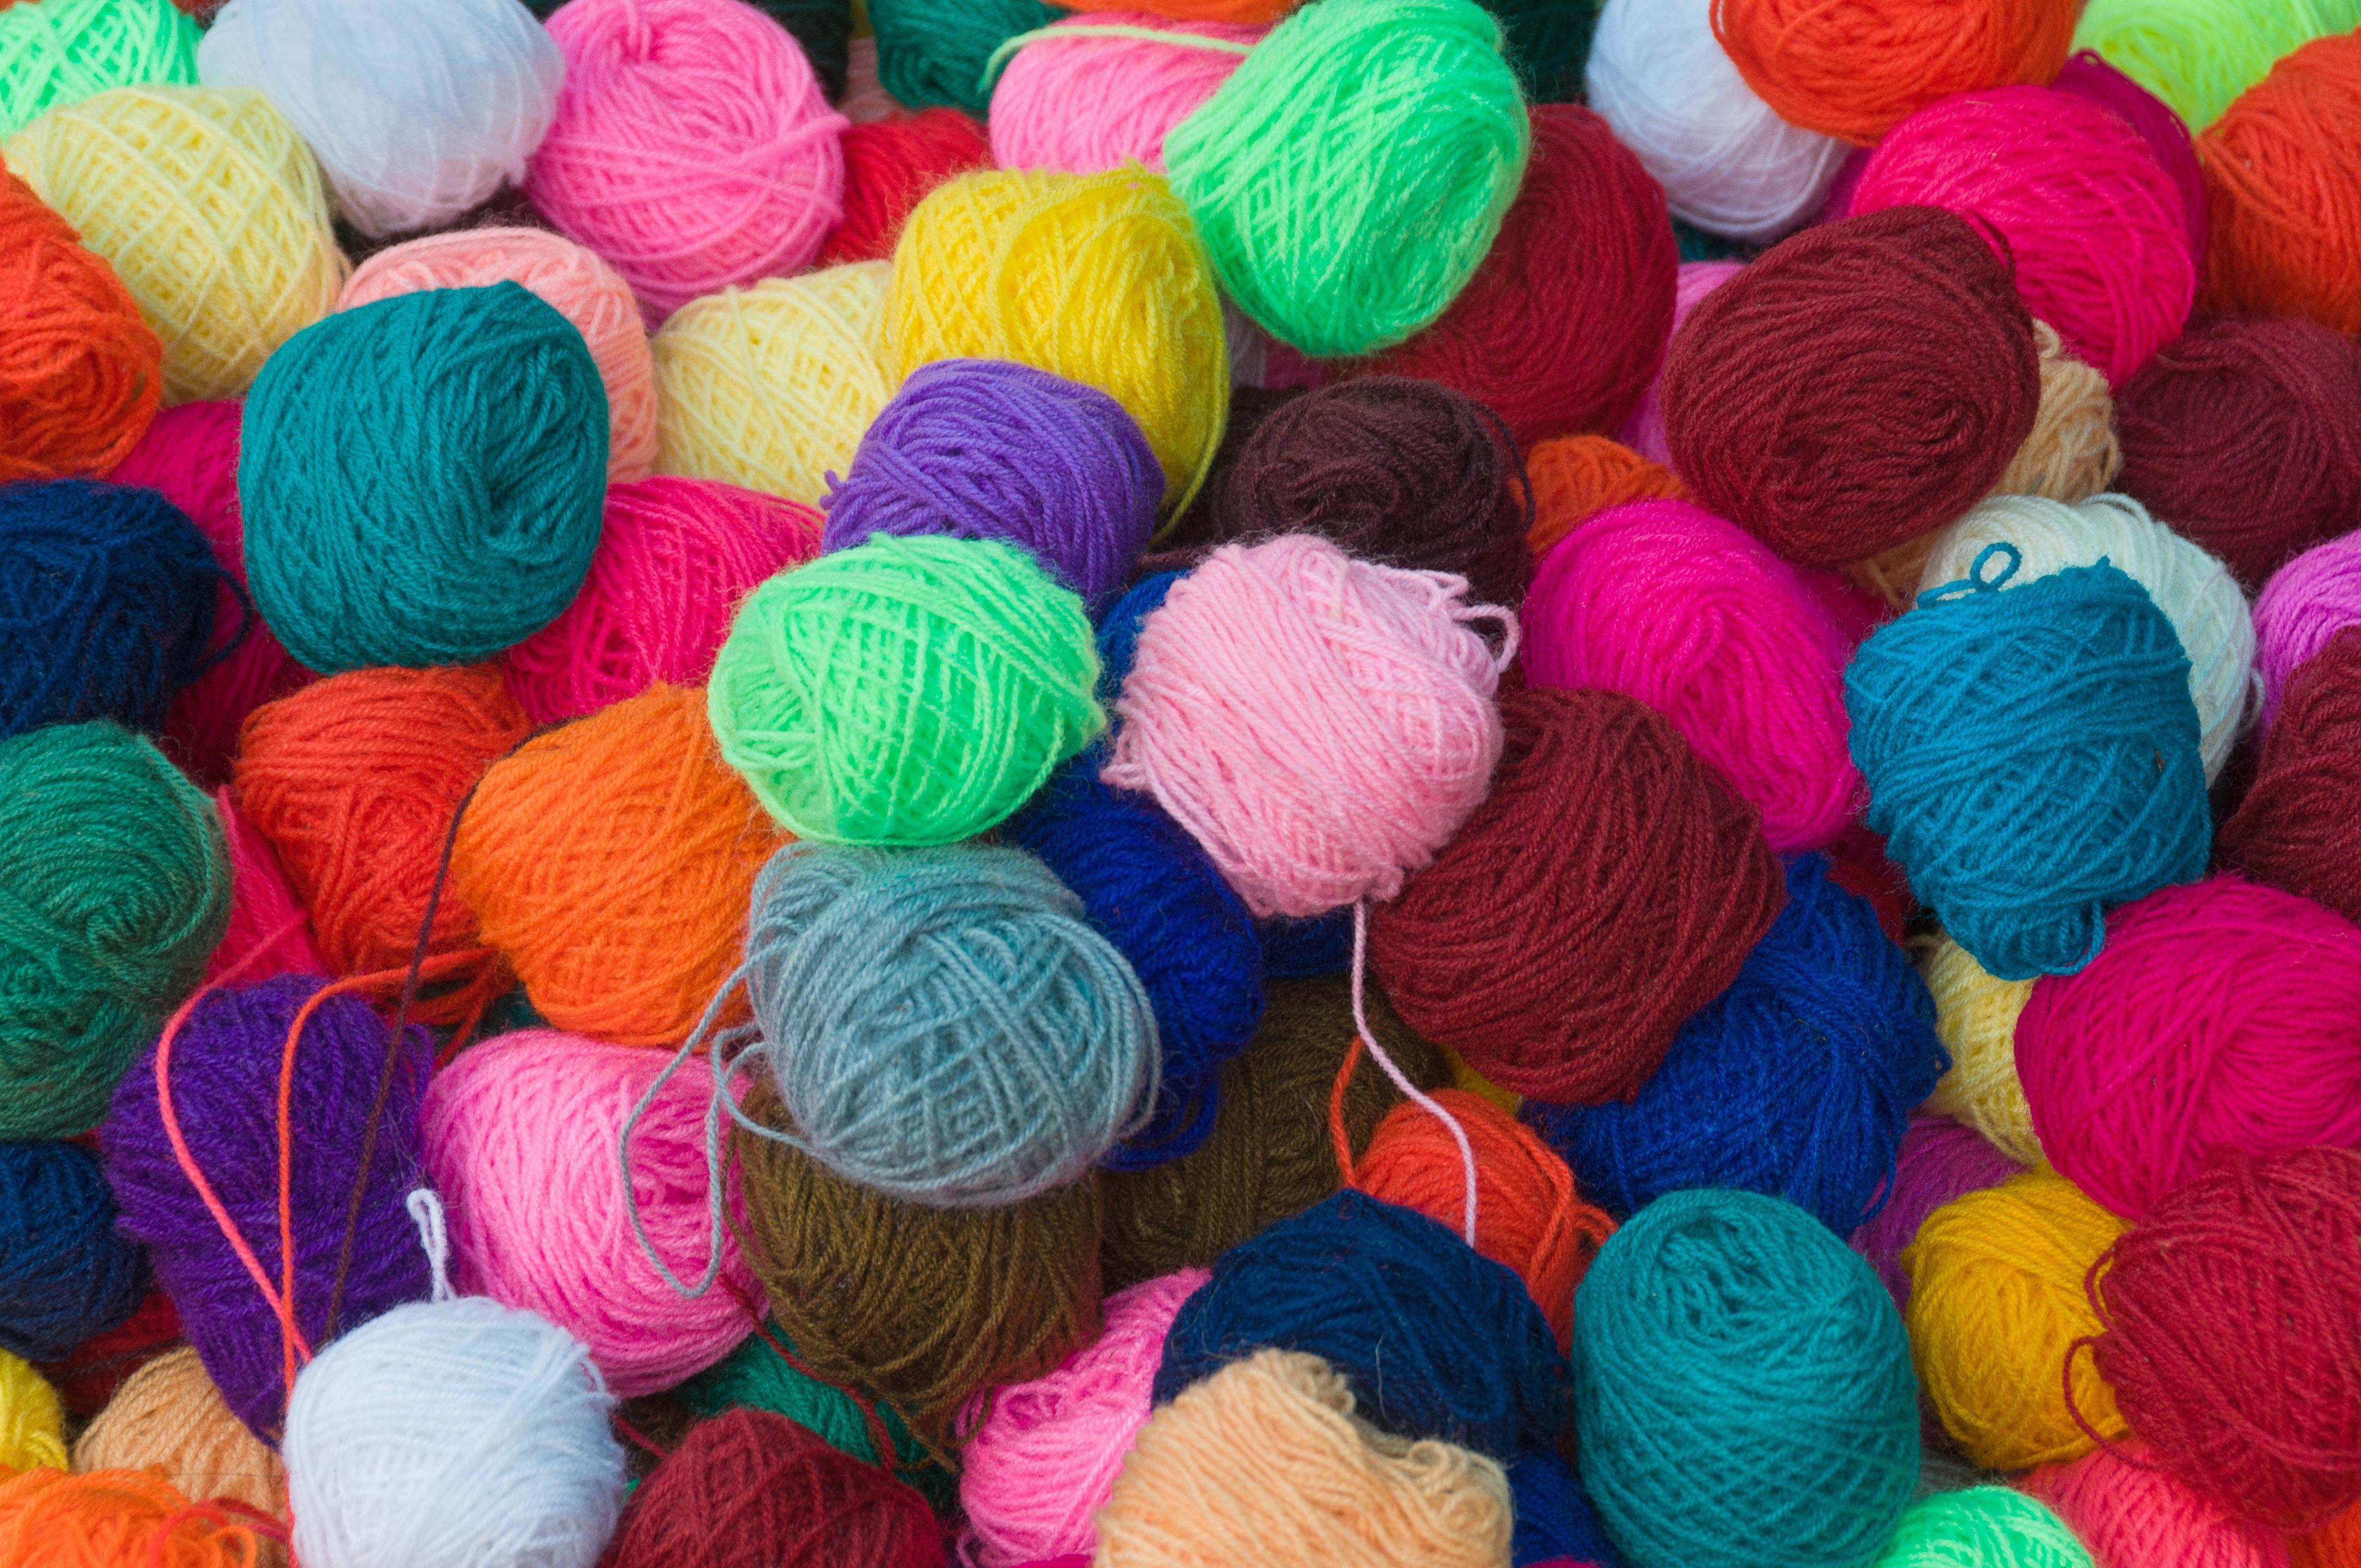 Ideas For Getting Rid Of Yarn